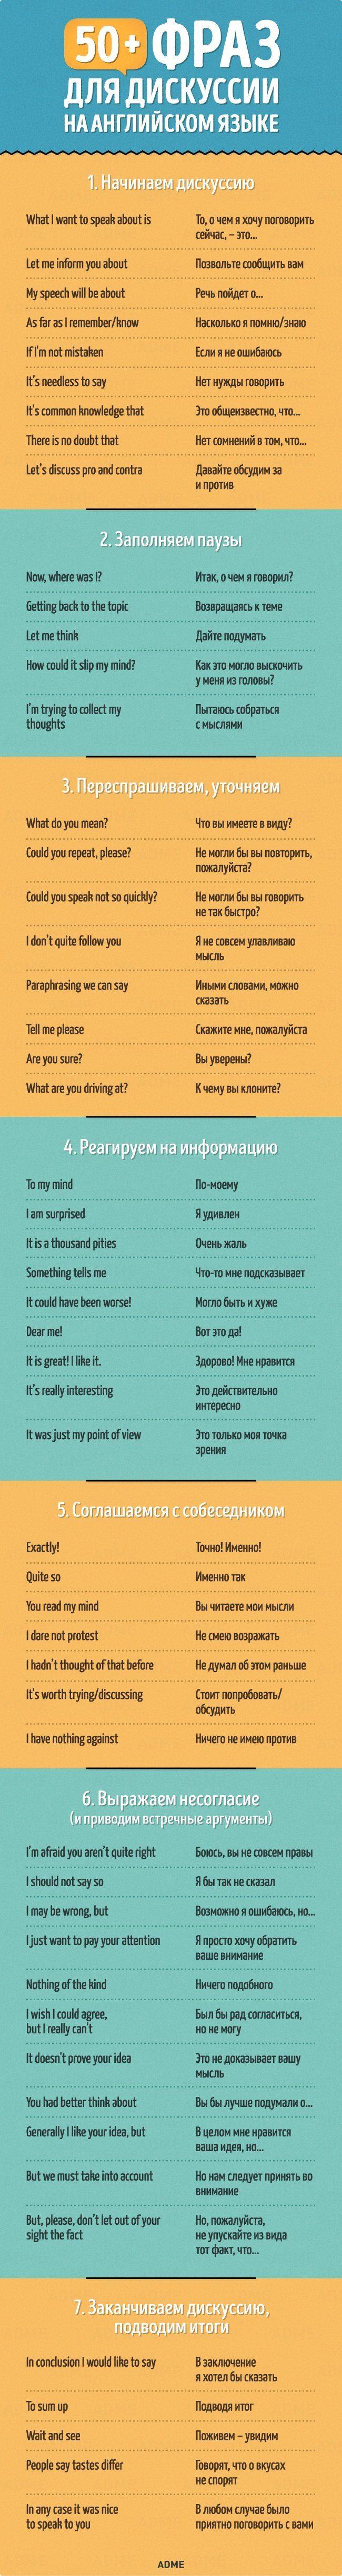 Фото 2 - 50+ фраз, которые серьезно улучшат твой разговорный английский